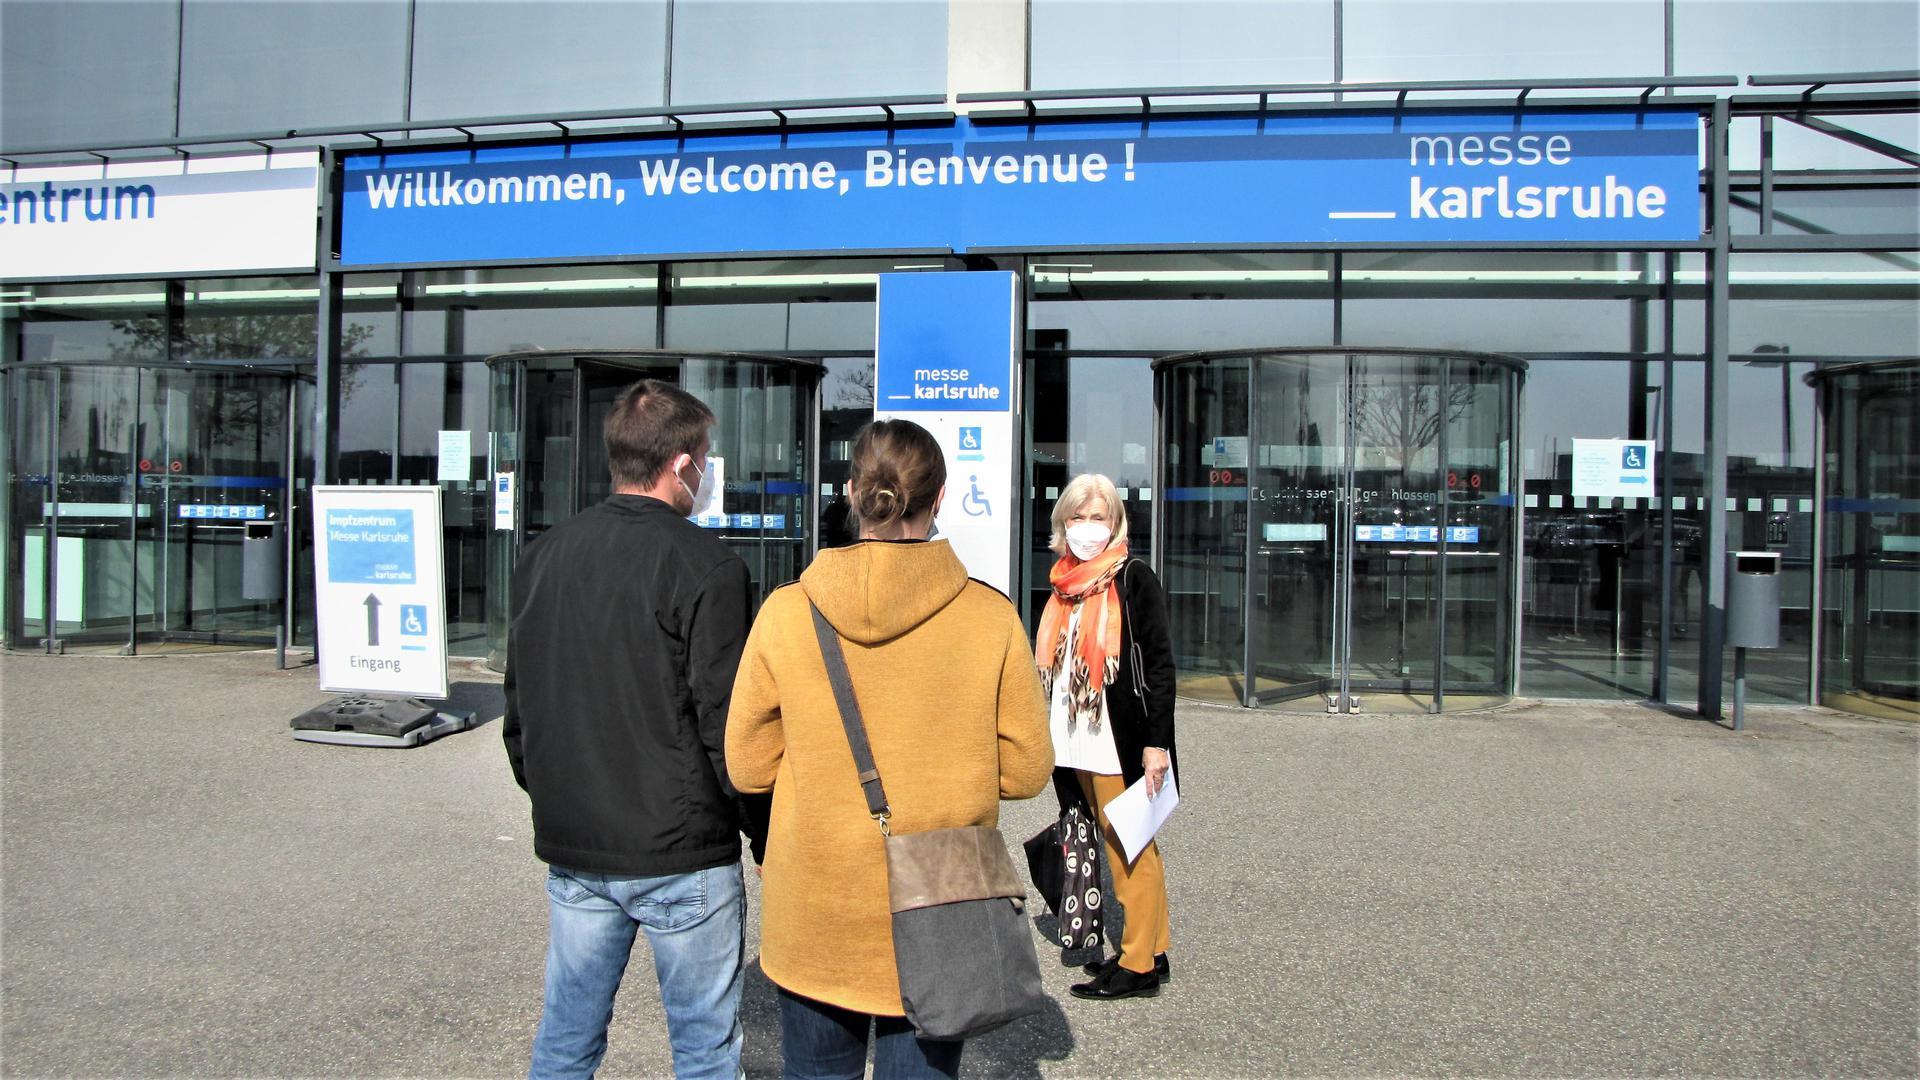 Einsatz auch für Jüngere: Einen Impftermin in Rheinstetten hat Gertrud Büchler (rechts) für ein jüngeres Ehepaar aus Waldbronn besorgt, das neben den Eltern eine pflegebedürftige Nachbarin betreut.